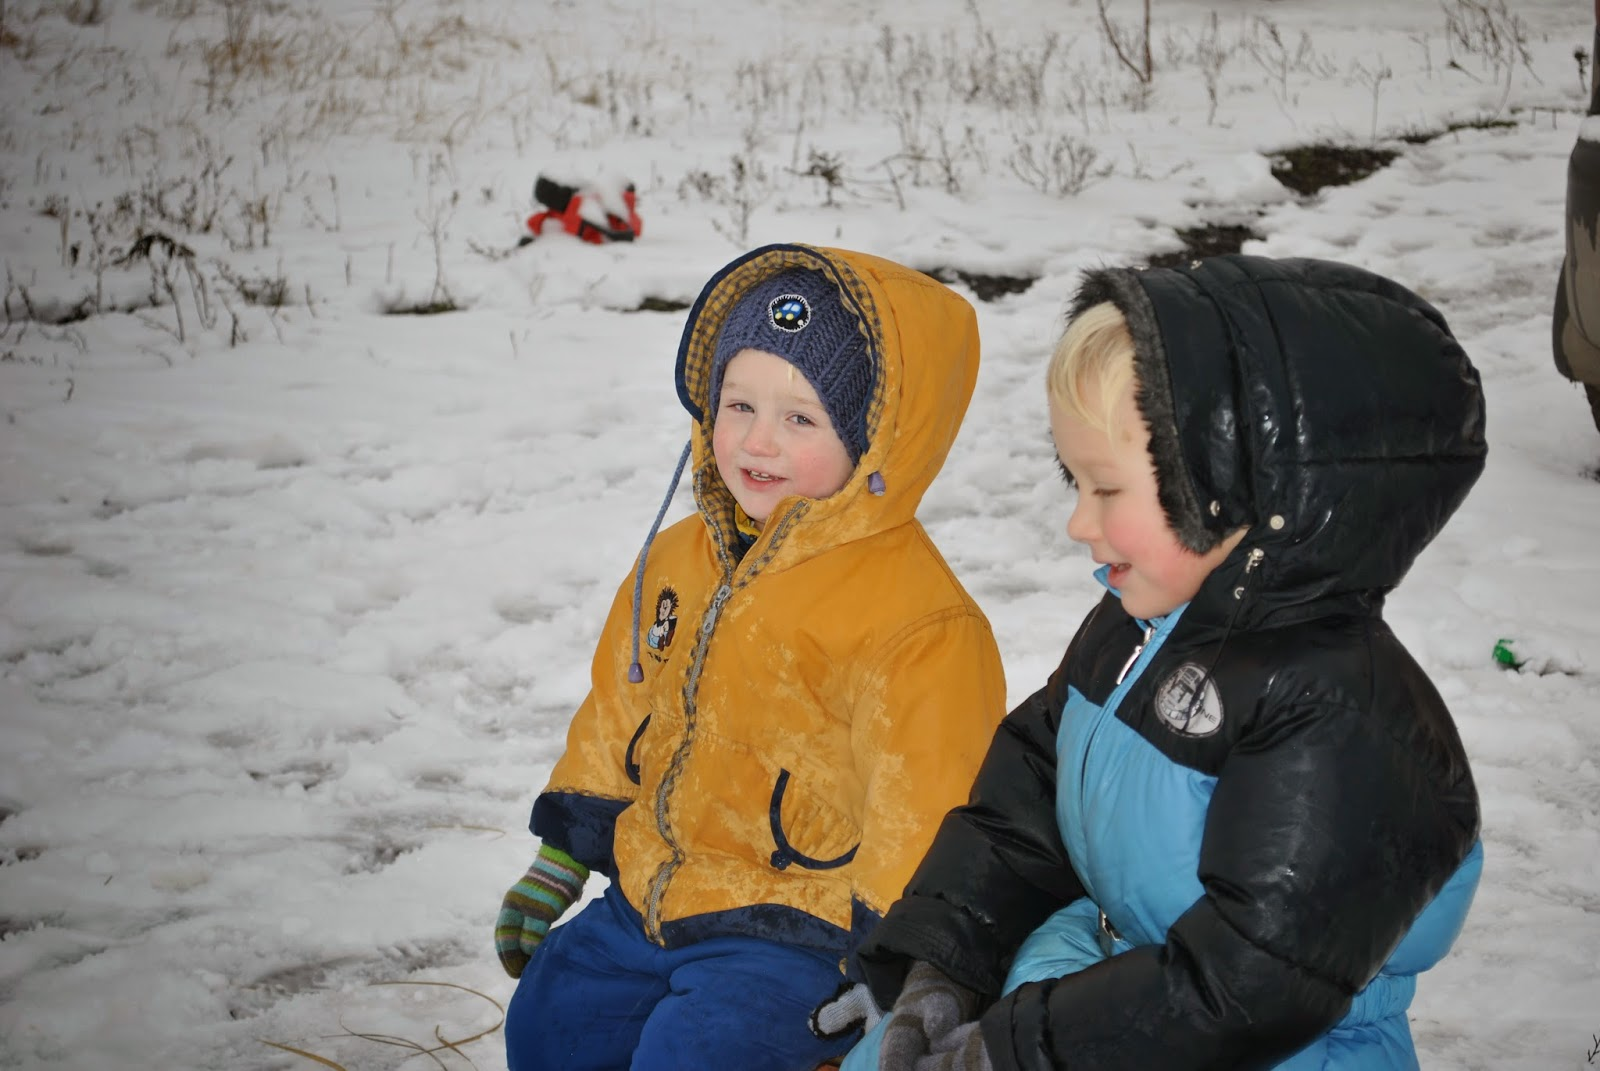 Просто каникулы, и конечно же все довольны и счастливы - особенно дети). А тут еще и снег нас побаловал).